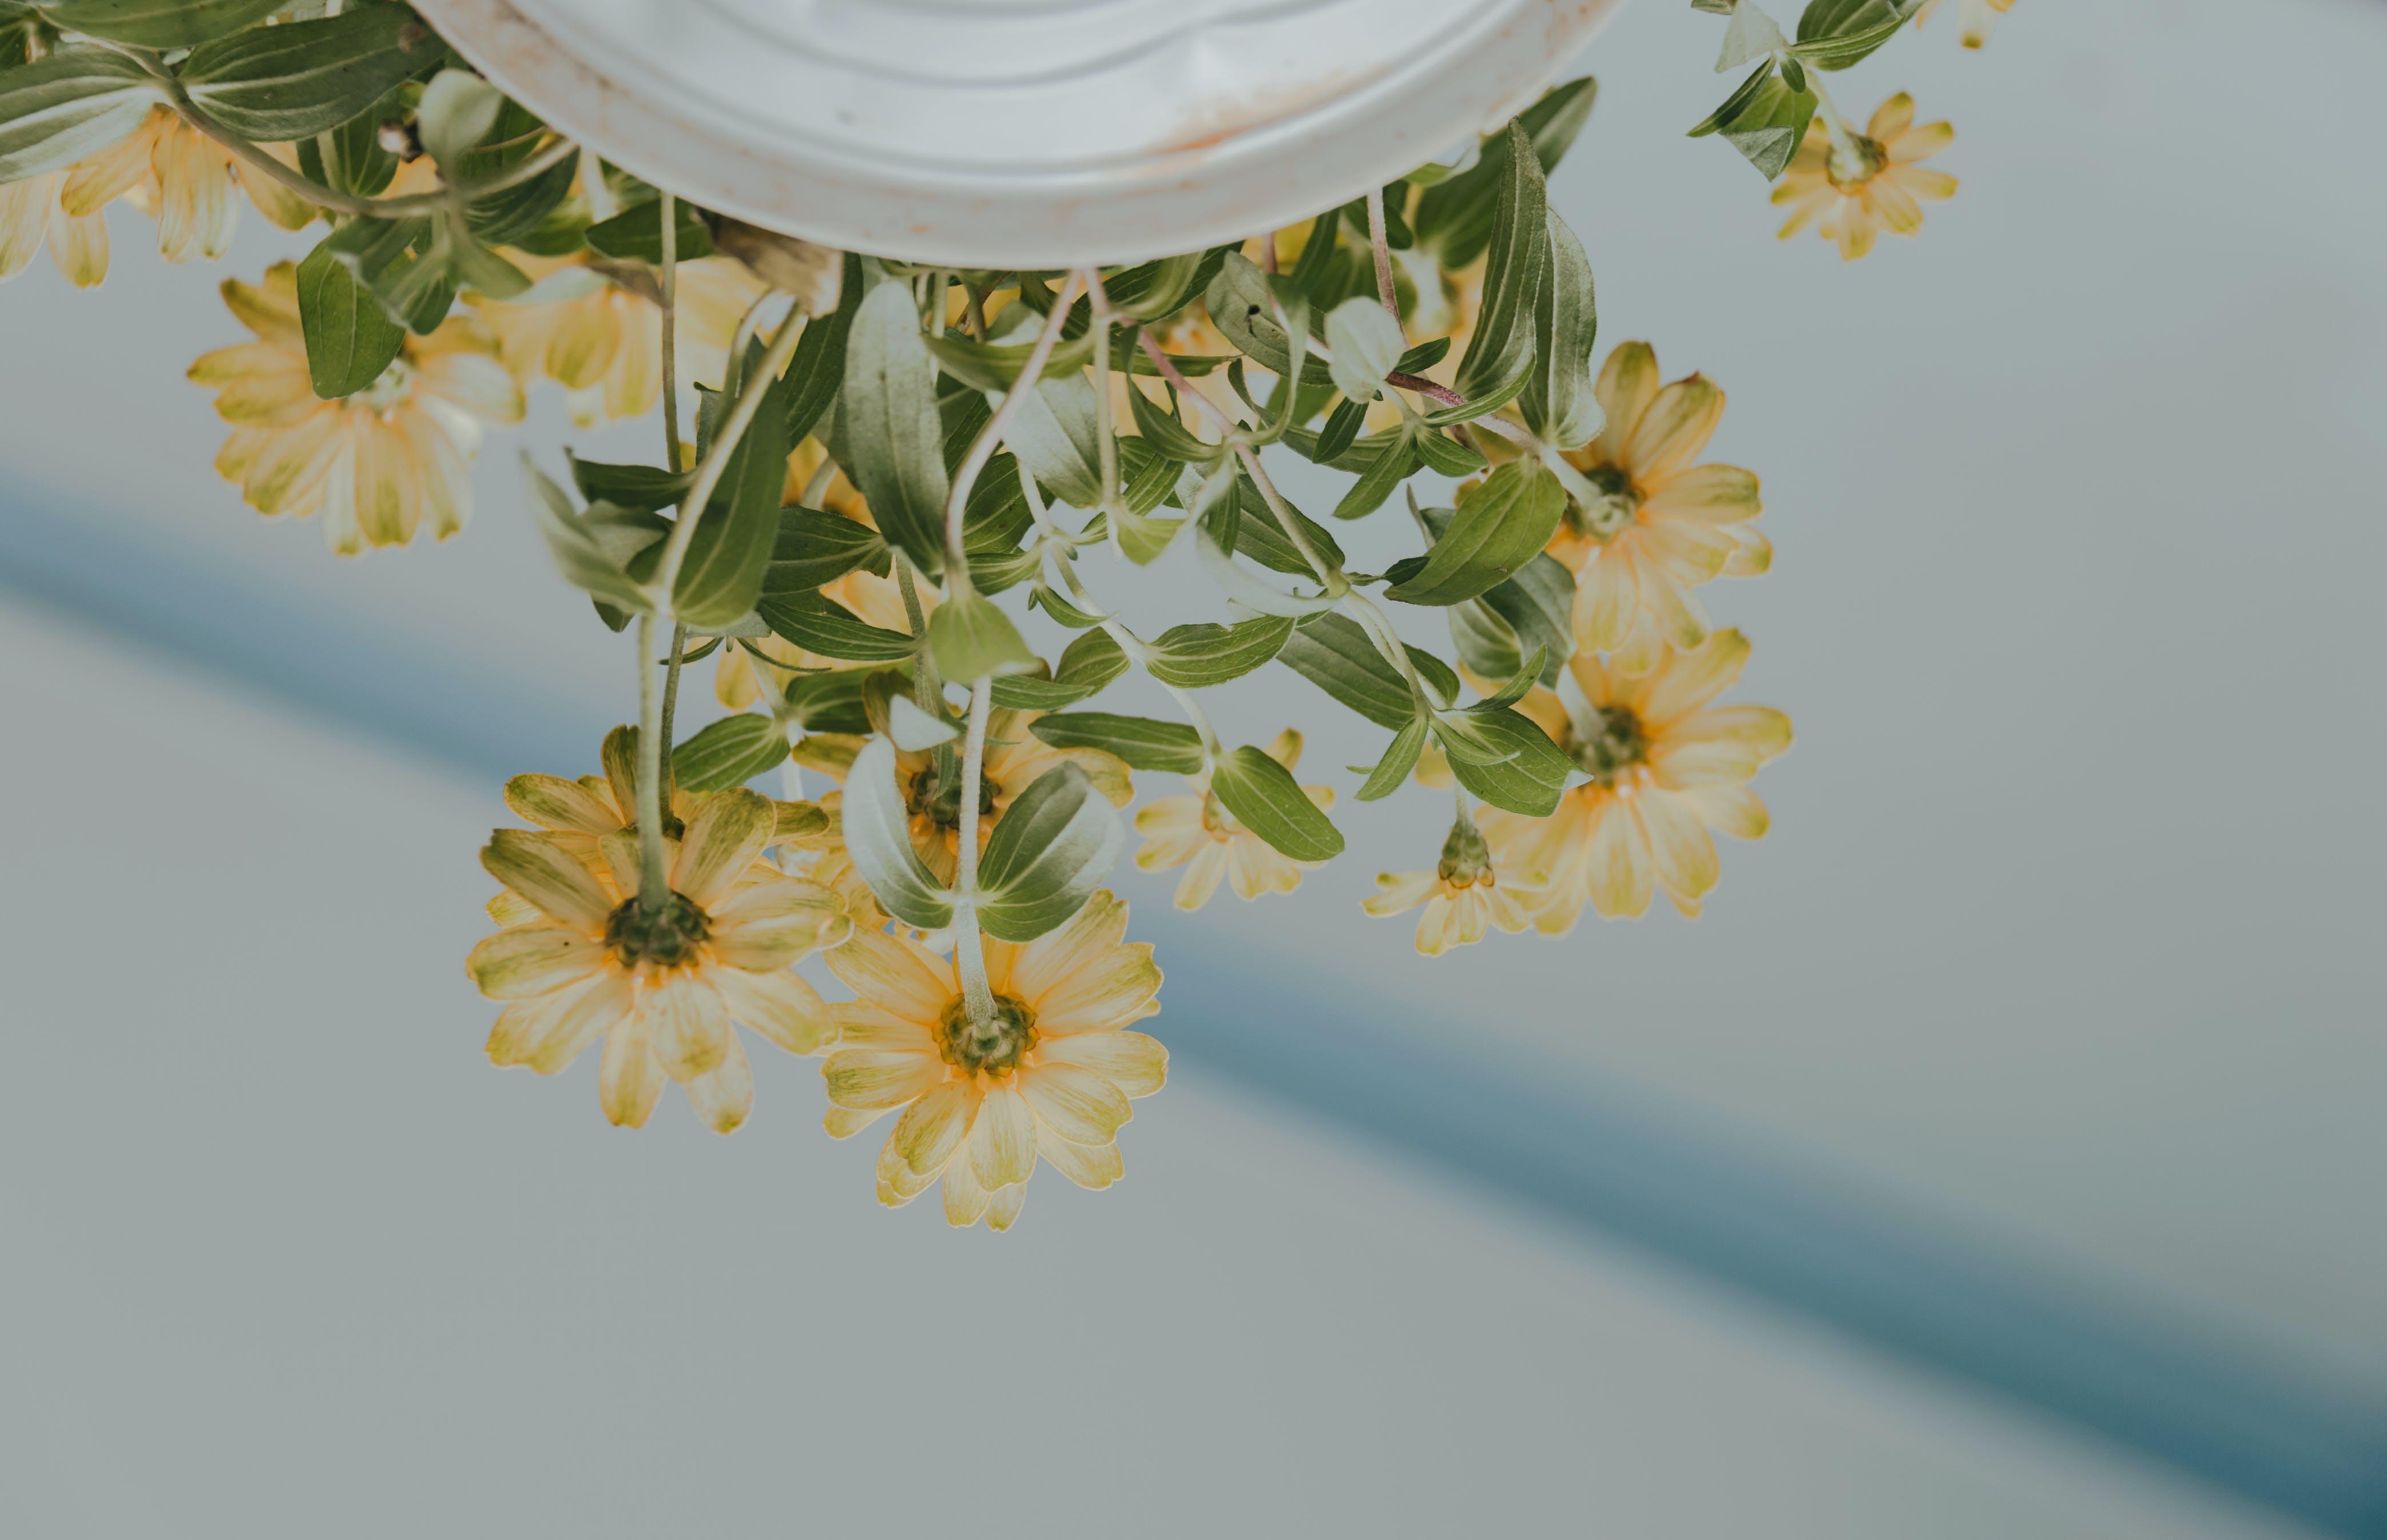 คลังภาพถ่ายฟรี ของ กระถาง, กลีบดอก, การเจริญเติบโต, กำลังบาน